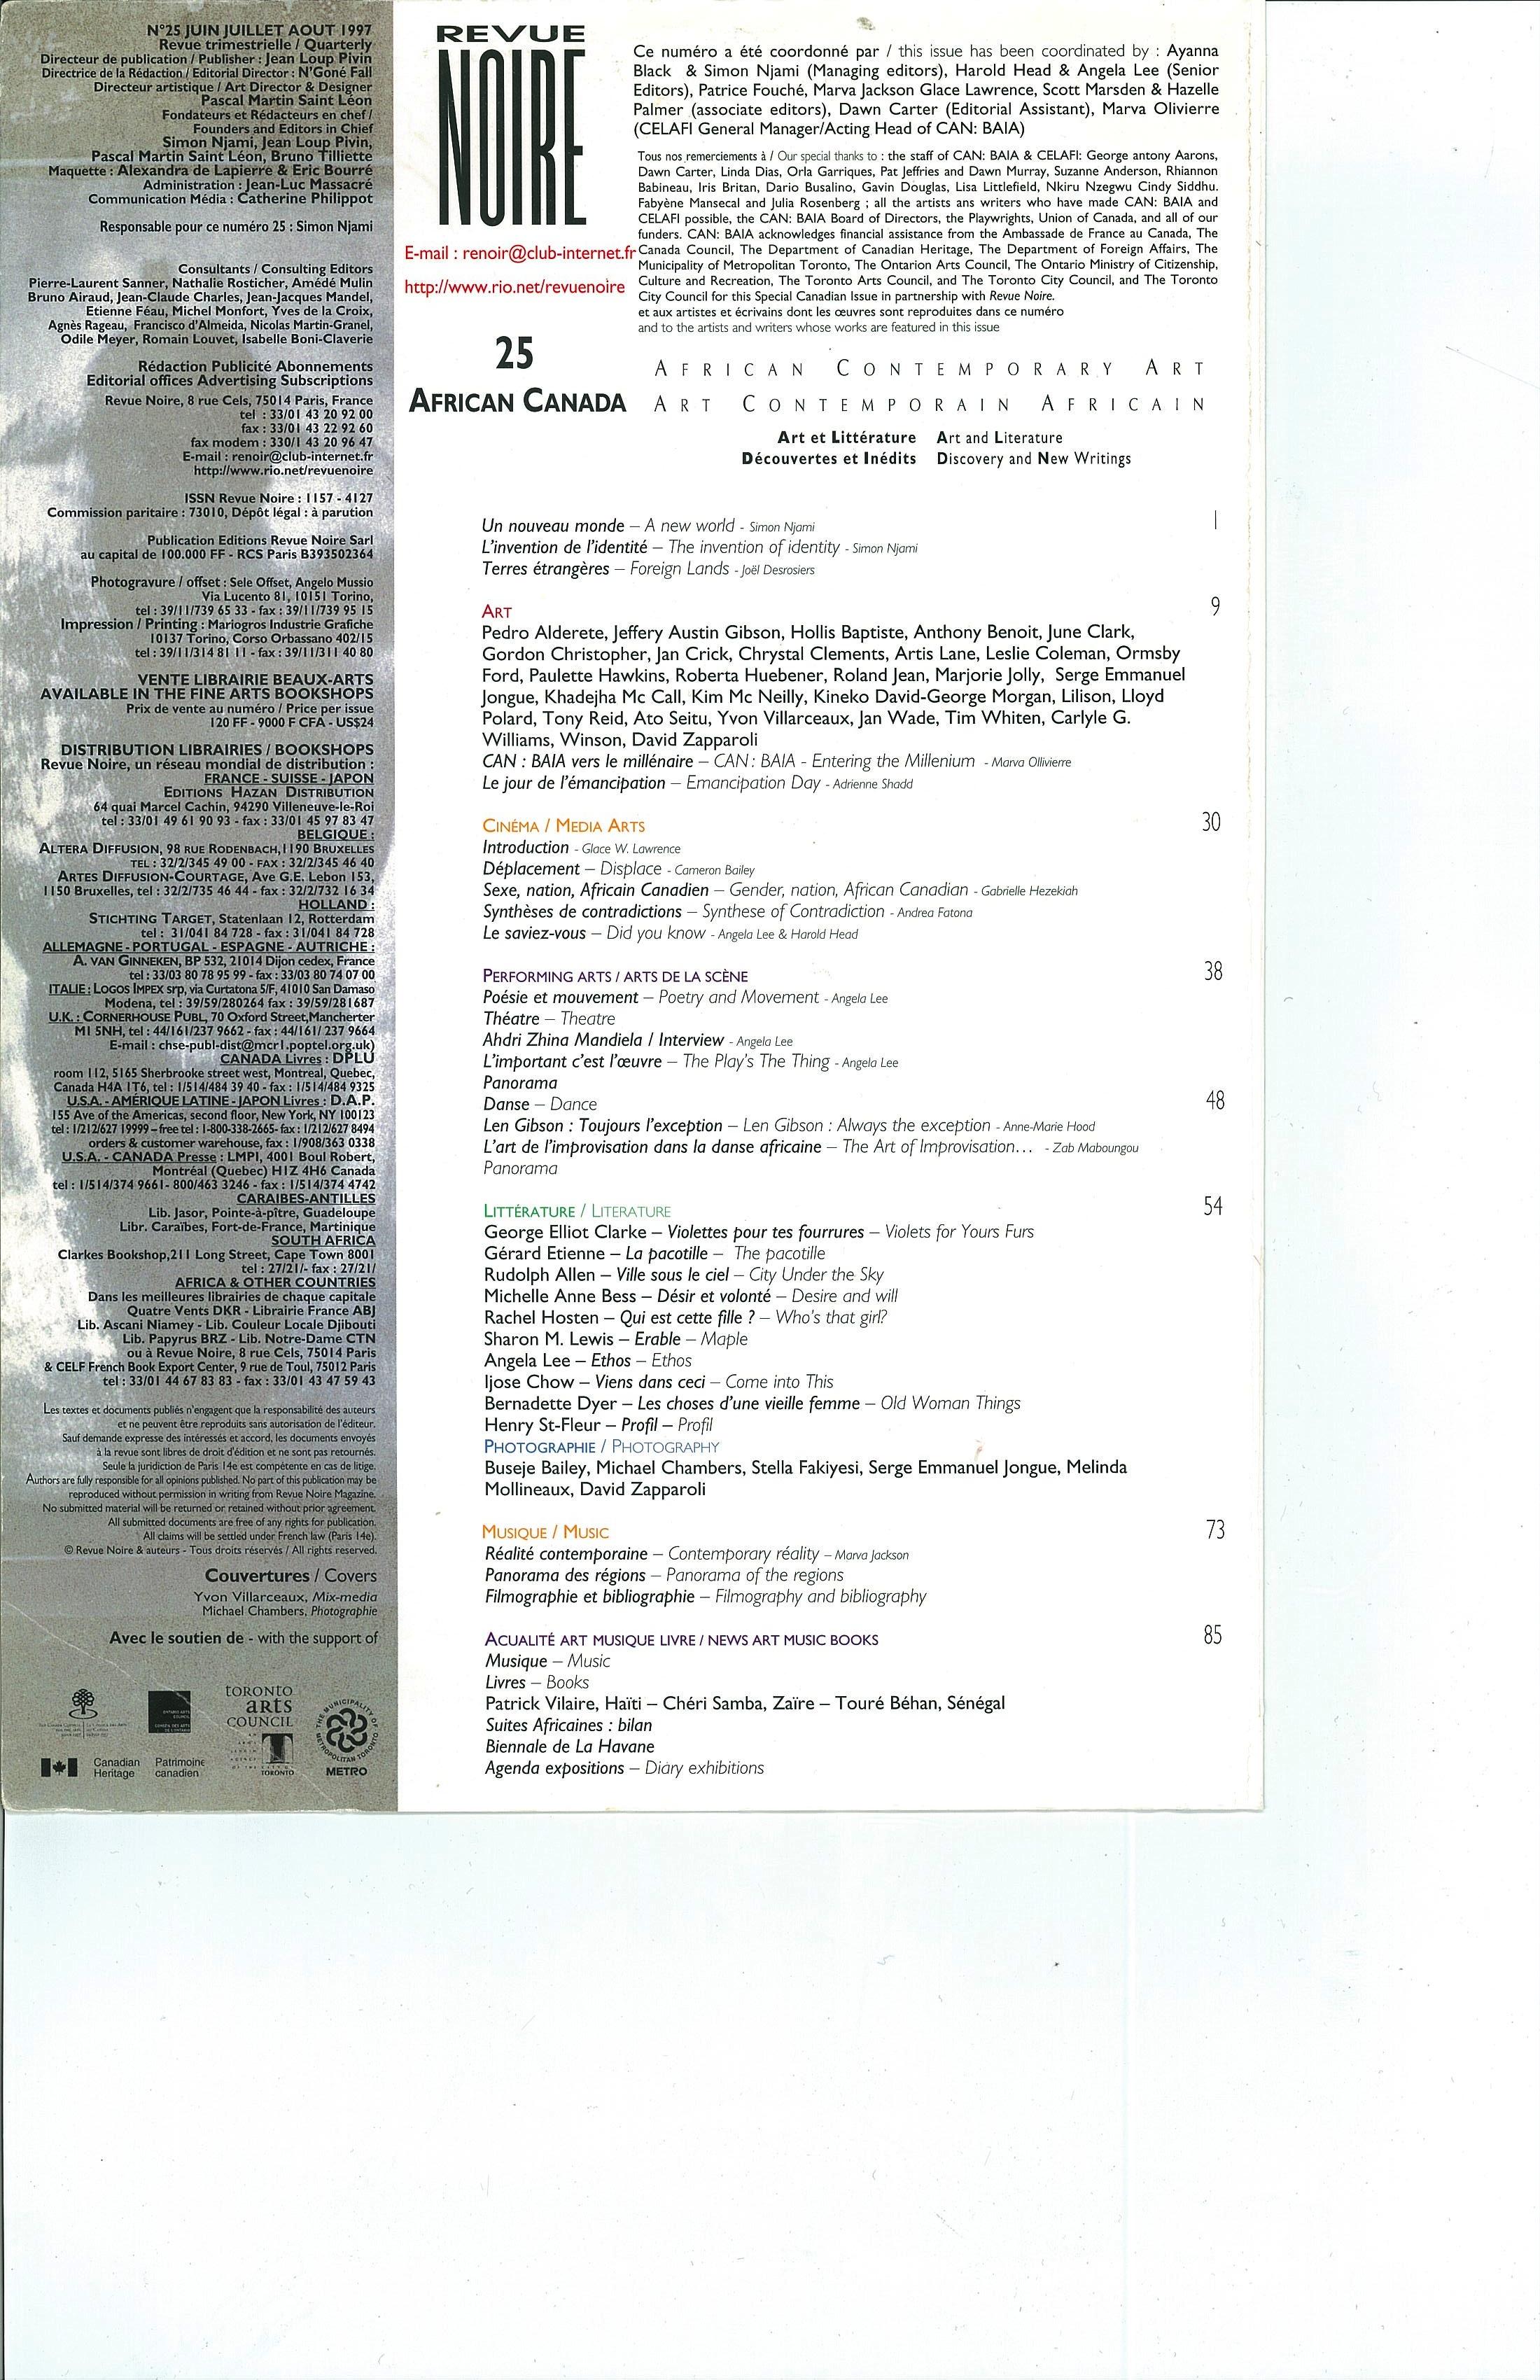 2. Revue Noire book_Page_002